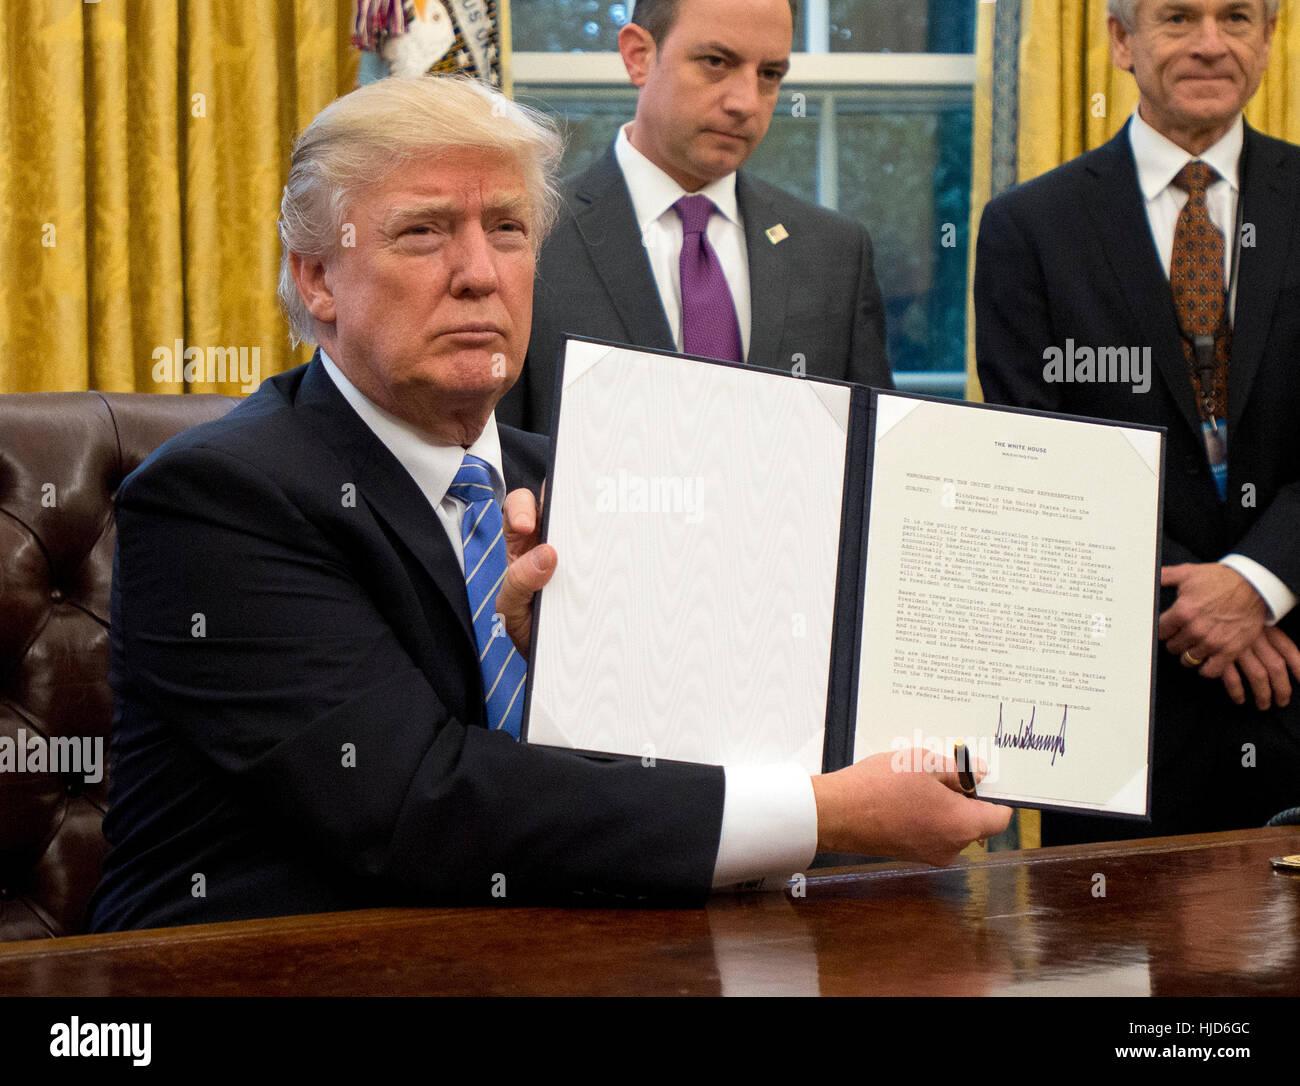 Aborti all'estero. 23 gen 2017. Il Presidente degli Stati Uniti, Donald Trump mostra l'Ordine esecutivo Immagini Stock